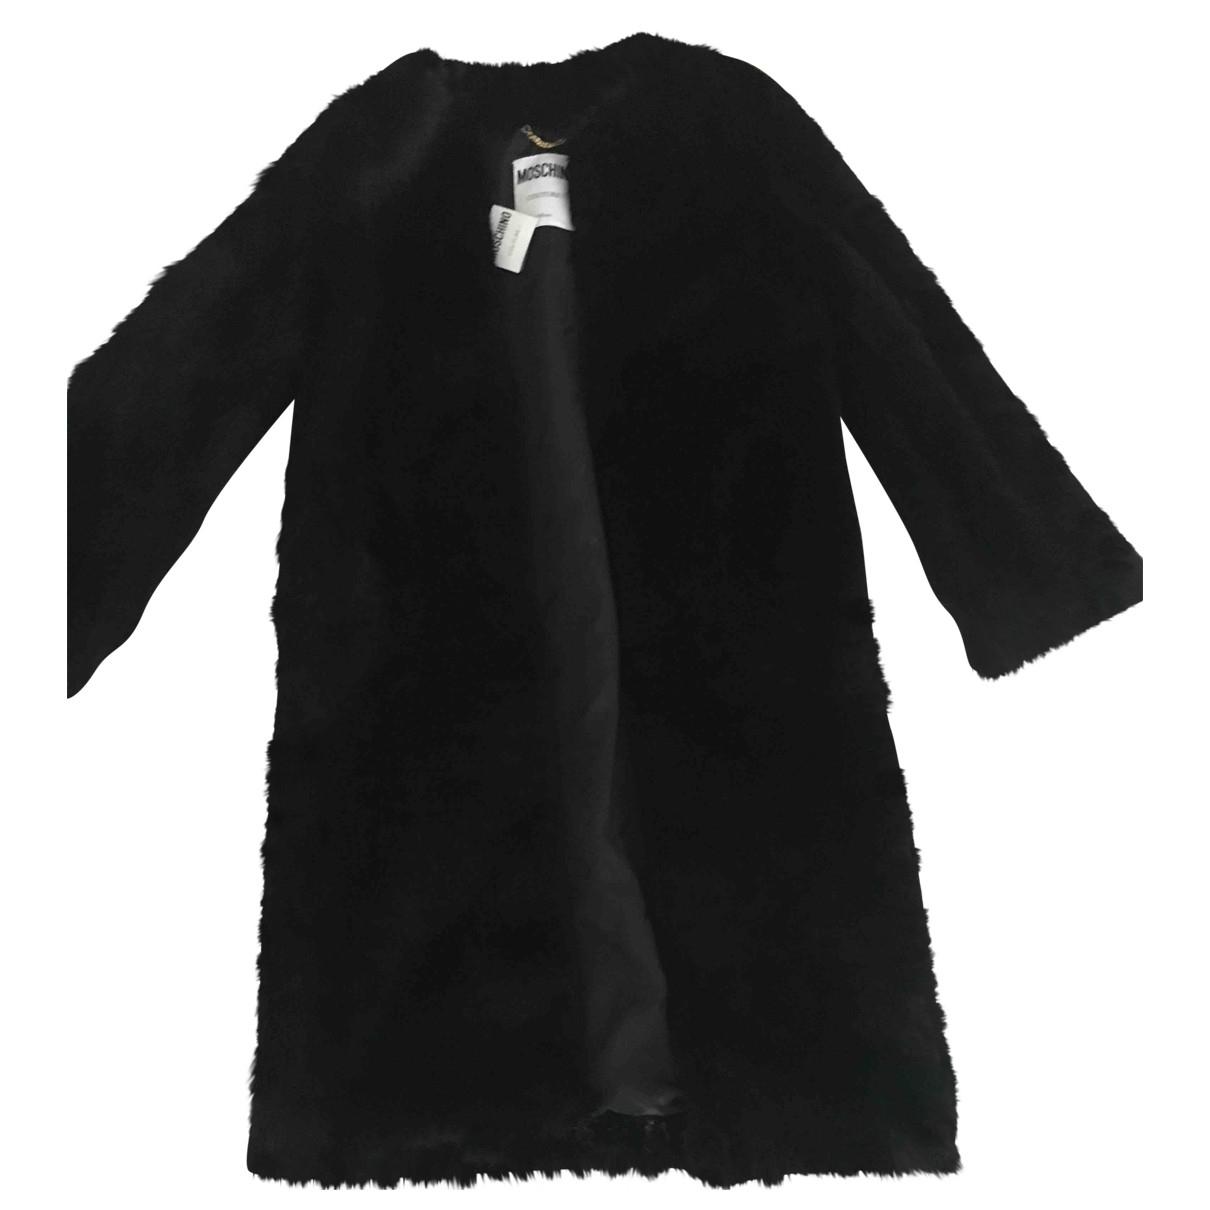 Moschino - Manteau   pour femme en fourrure synthetique - noir